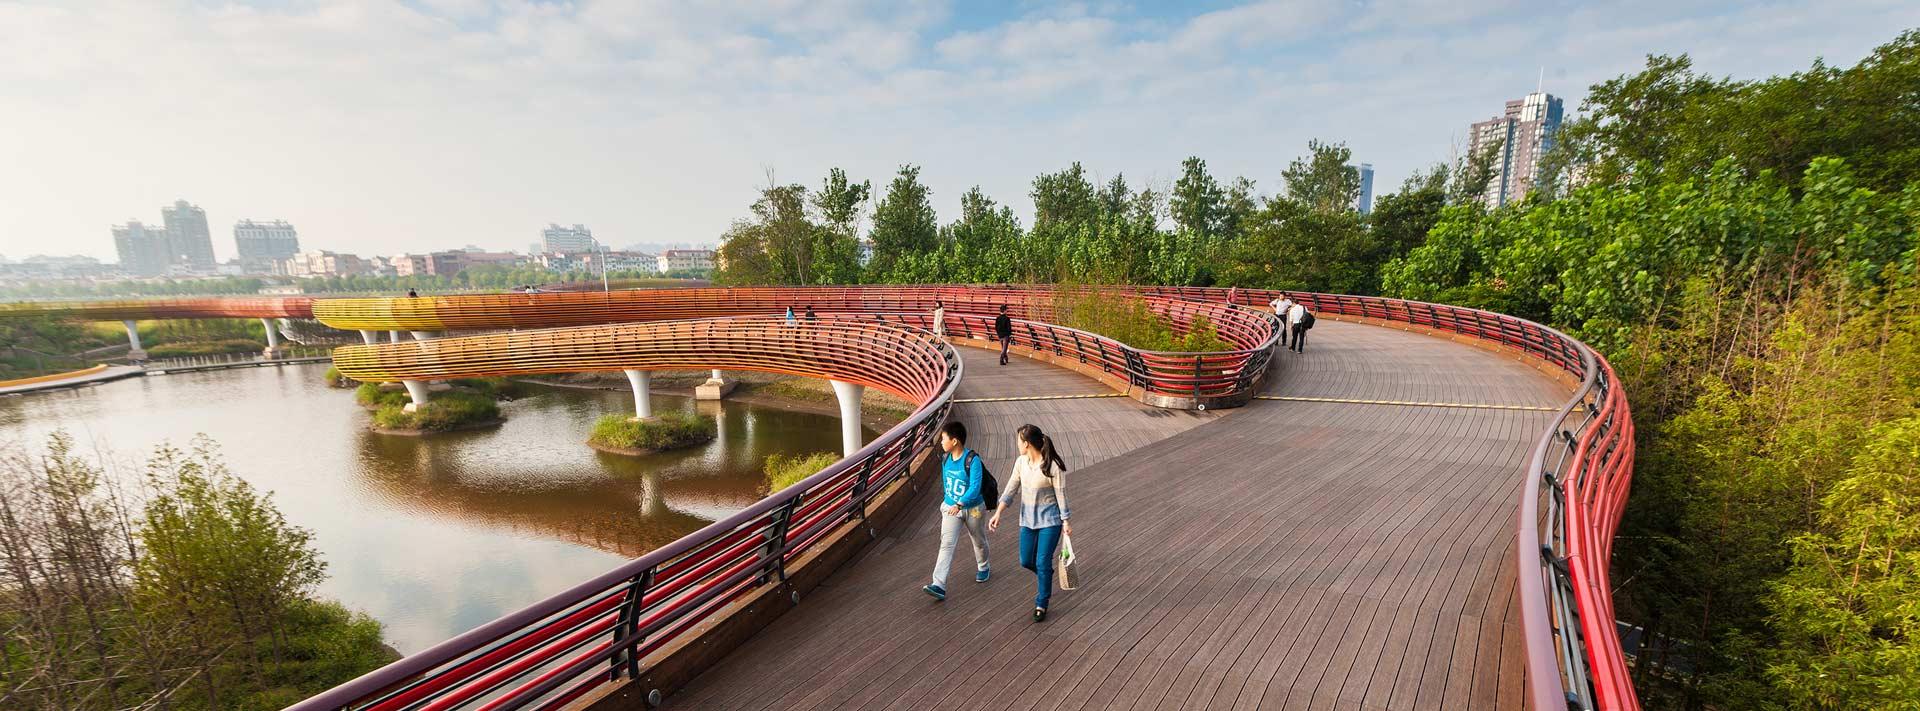 yanweizhou-terrace « Landscape Architecture Works   Landezine